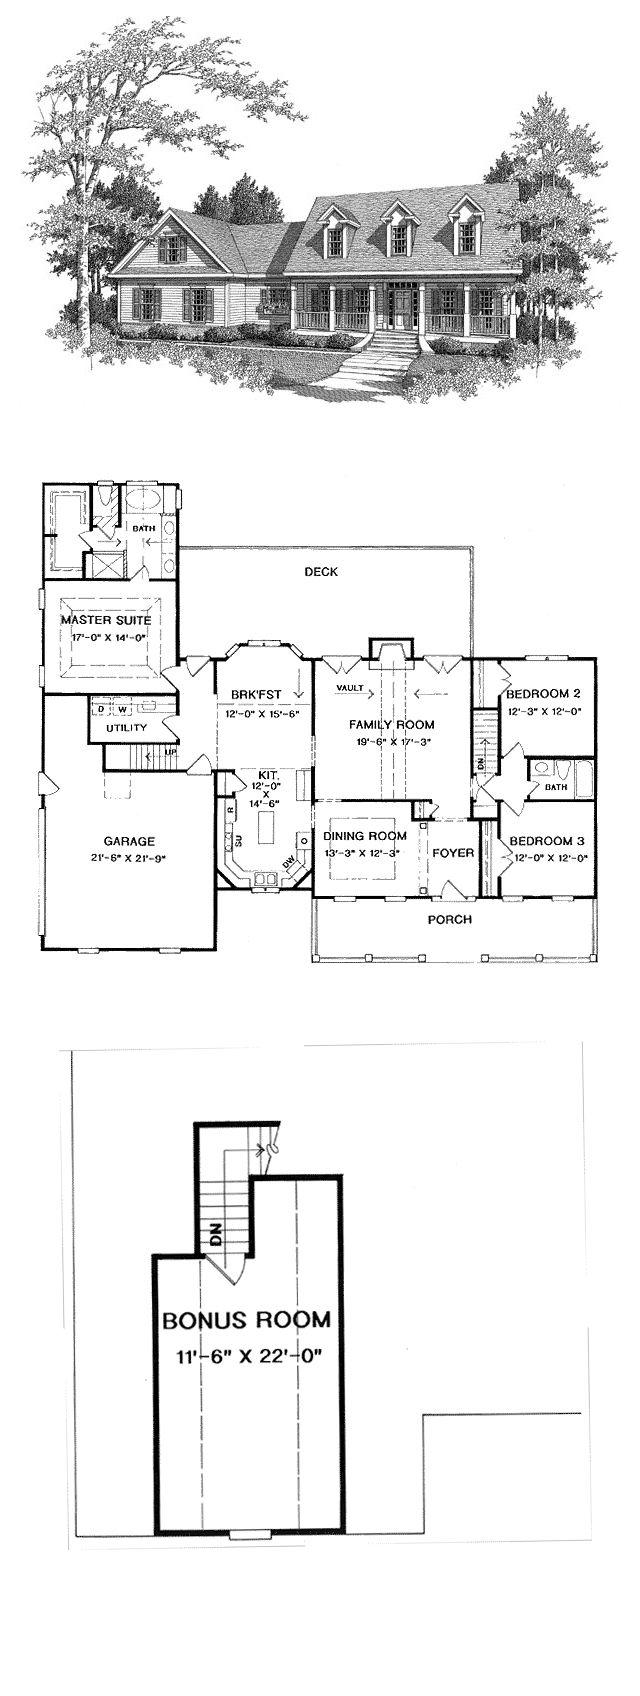 166 besten grundrisse bilder auf pinterest grundriss bungalow bungalows und haus blaupausen. Black Bedroom Furniture Sets. Home Design Ideas